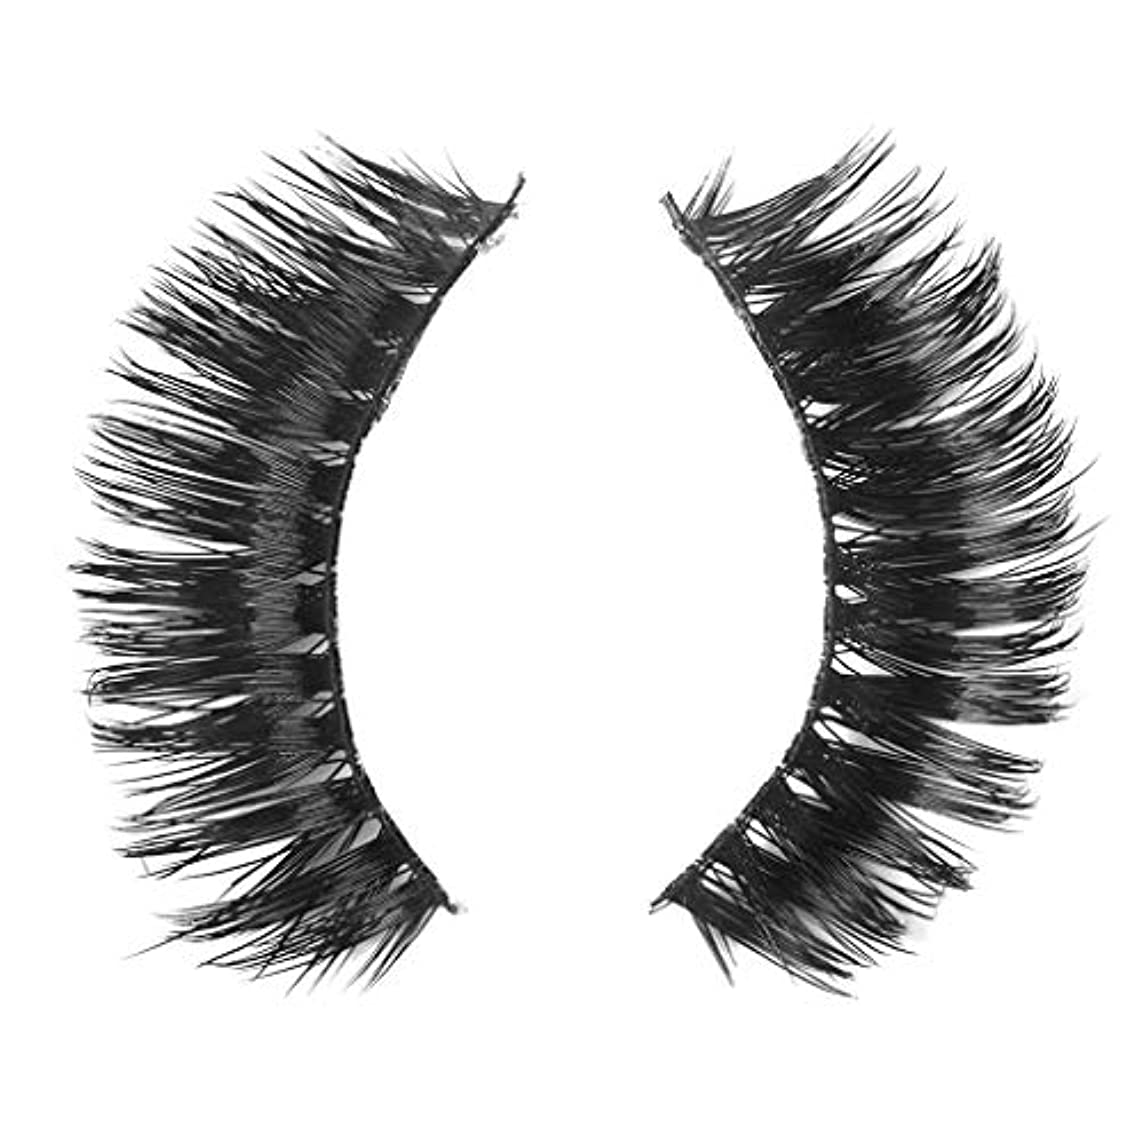 文マルクス主義者ネクタイミンクの毛の自然な厚くなる化粧品の3D版のための一組のまつげ